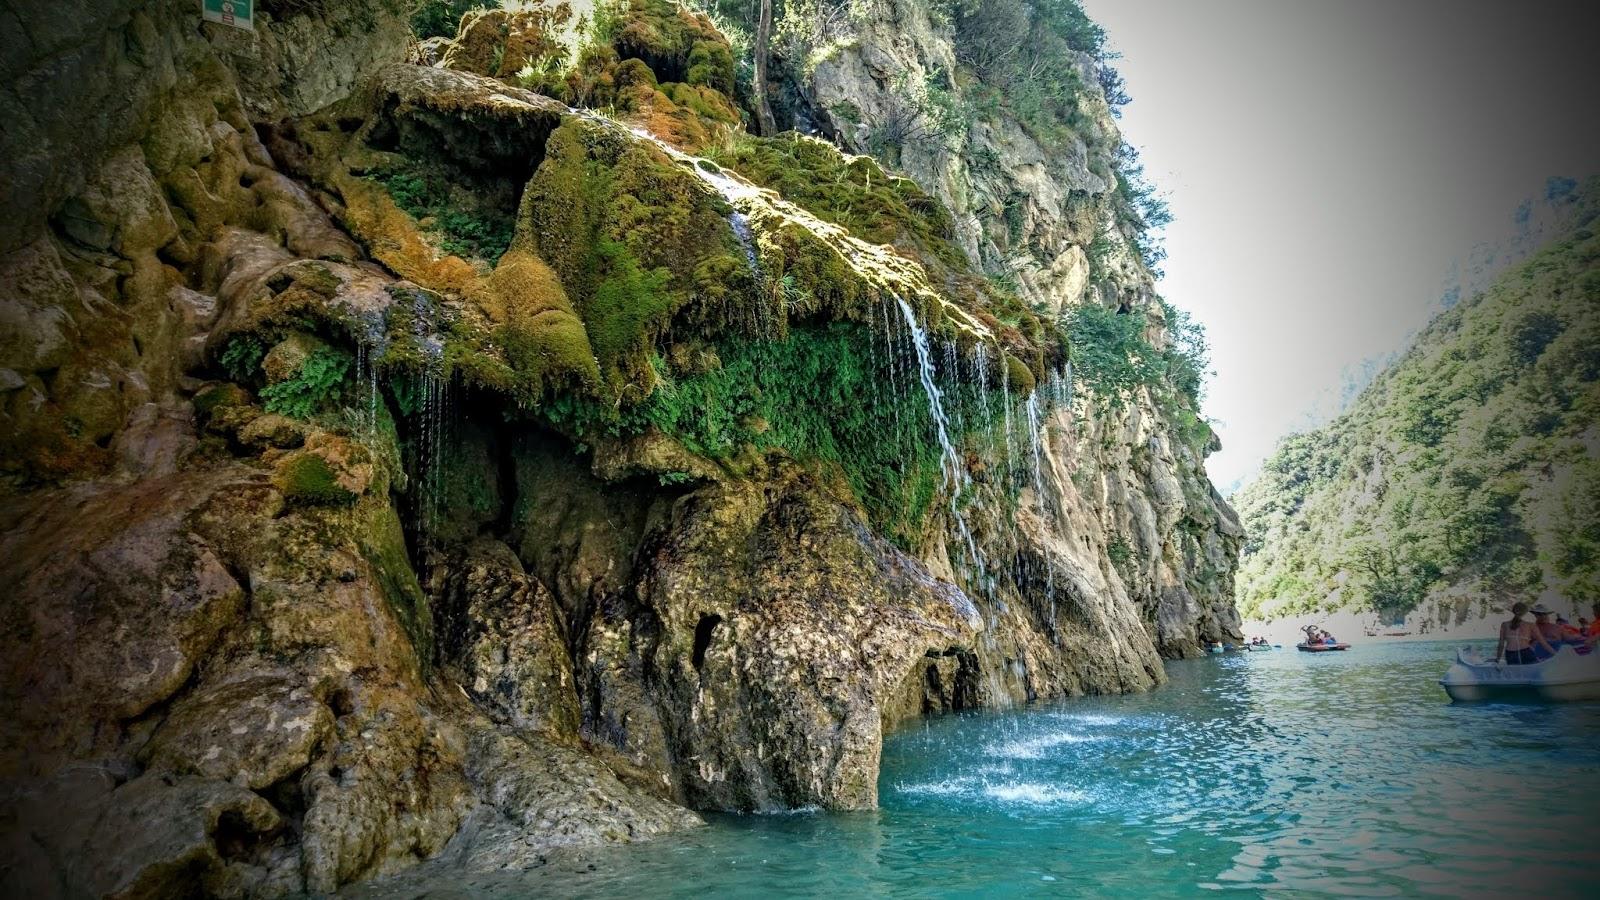 3 tygodnie w siodle: Nasz Eurotrip 2016. Dzień 6 - Kanion Verdon z wody, bungee z Pont de l'Artuby, nudne Saint Tropez i fajerwerkowe Cannes